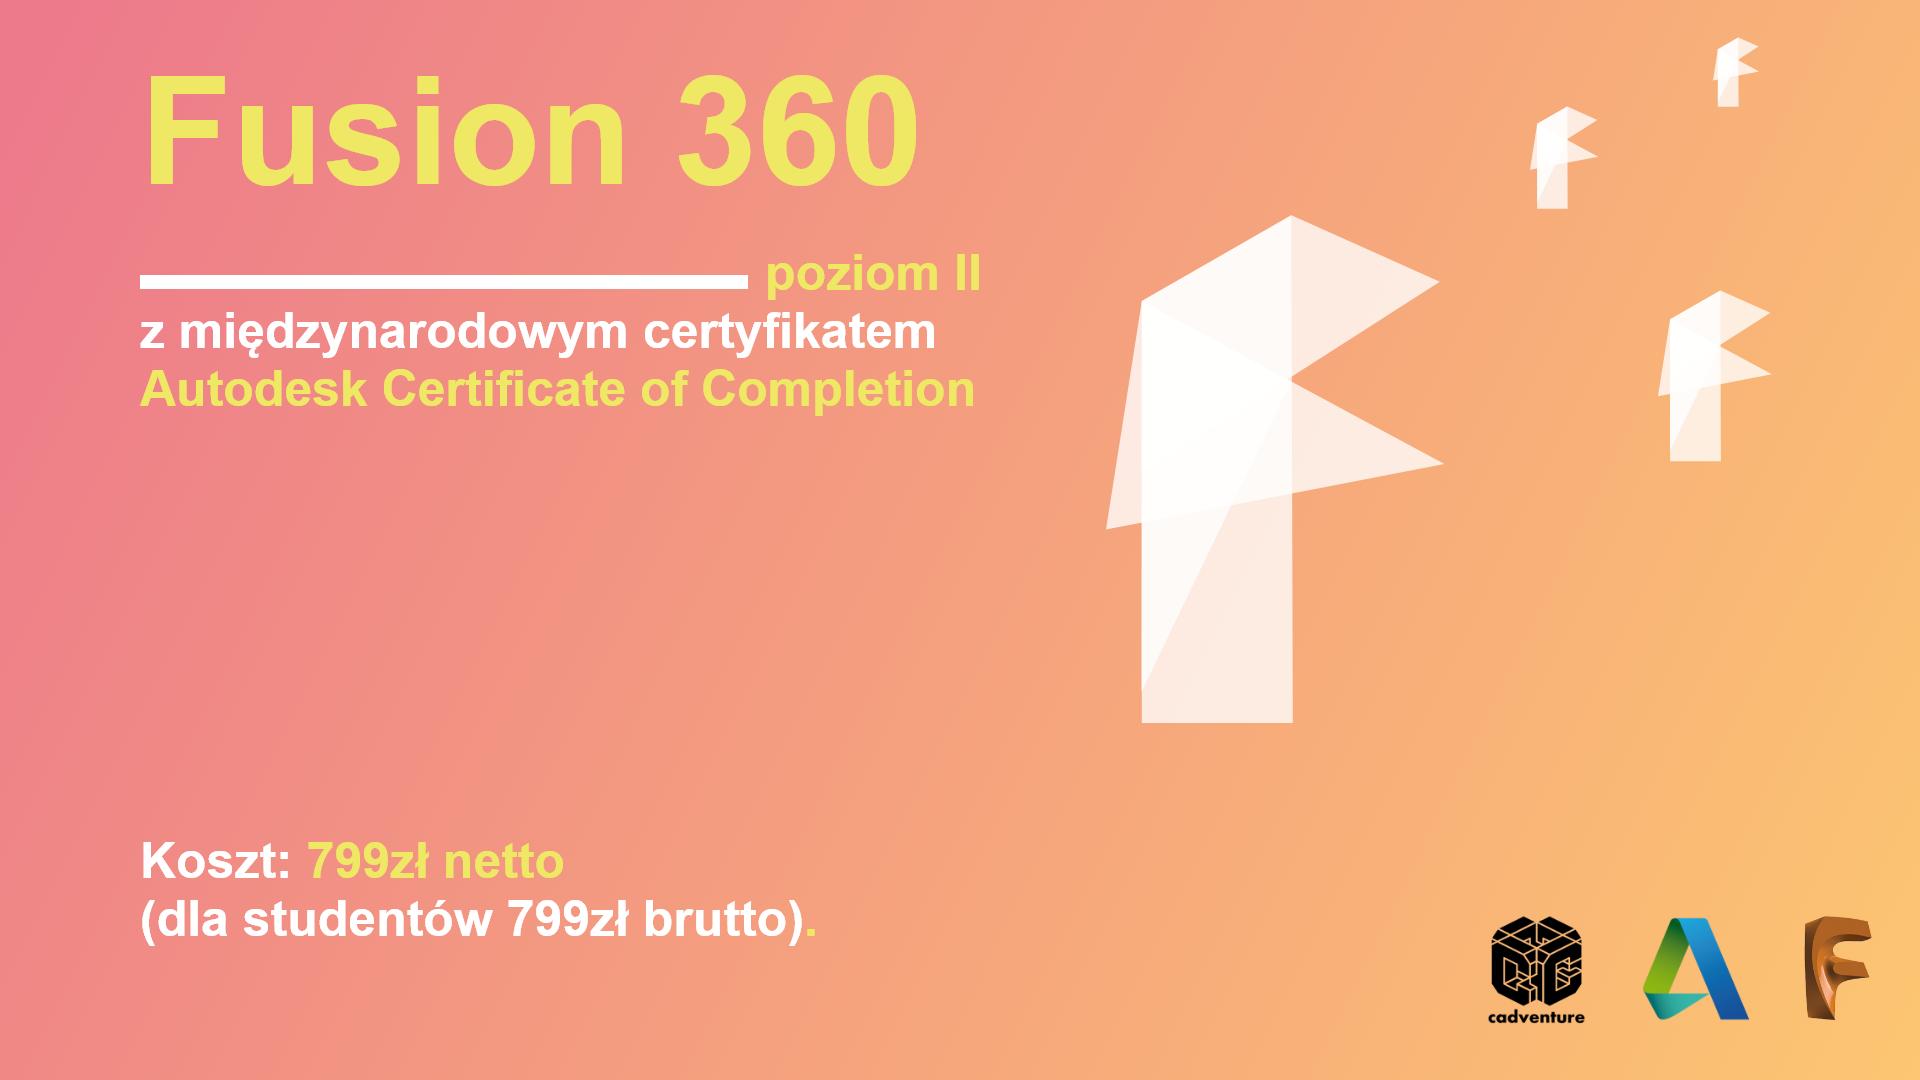 Fusion 360 II